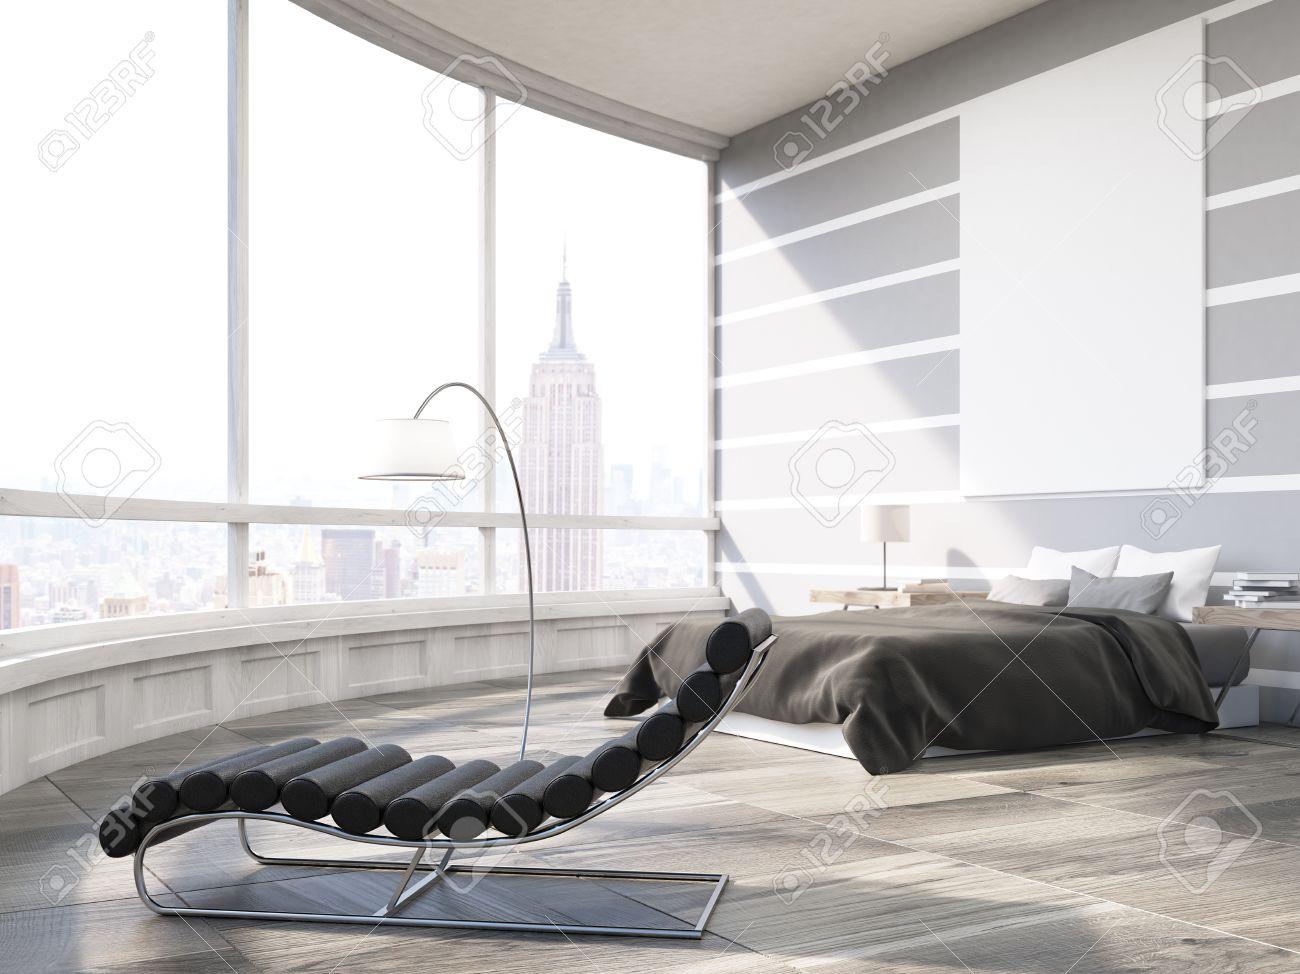 Master Schlafzimmer Mit Bett, Massagesessel Und Großes Plakat Auf Graue Wand.  Panoramafenster Mit